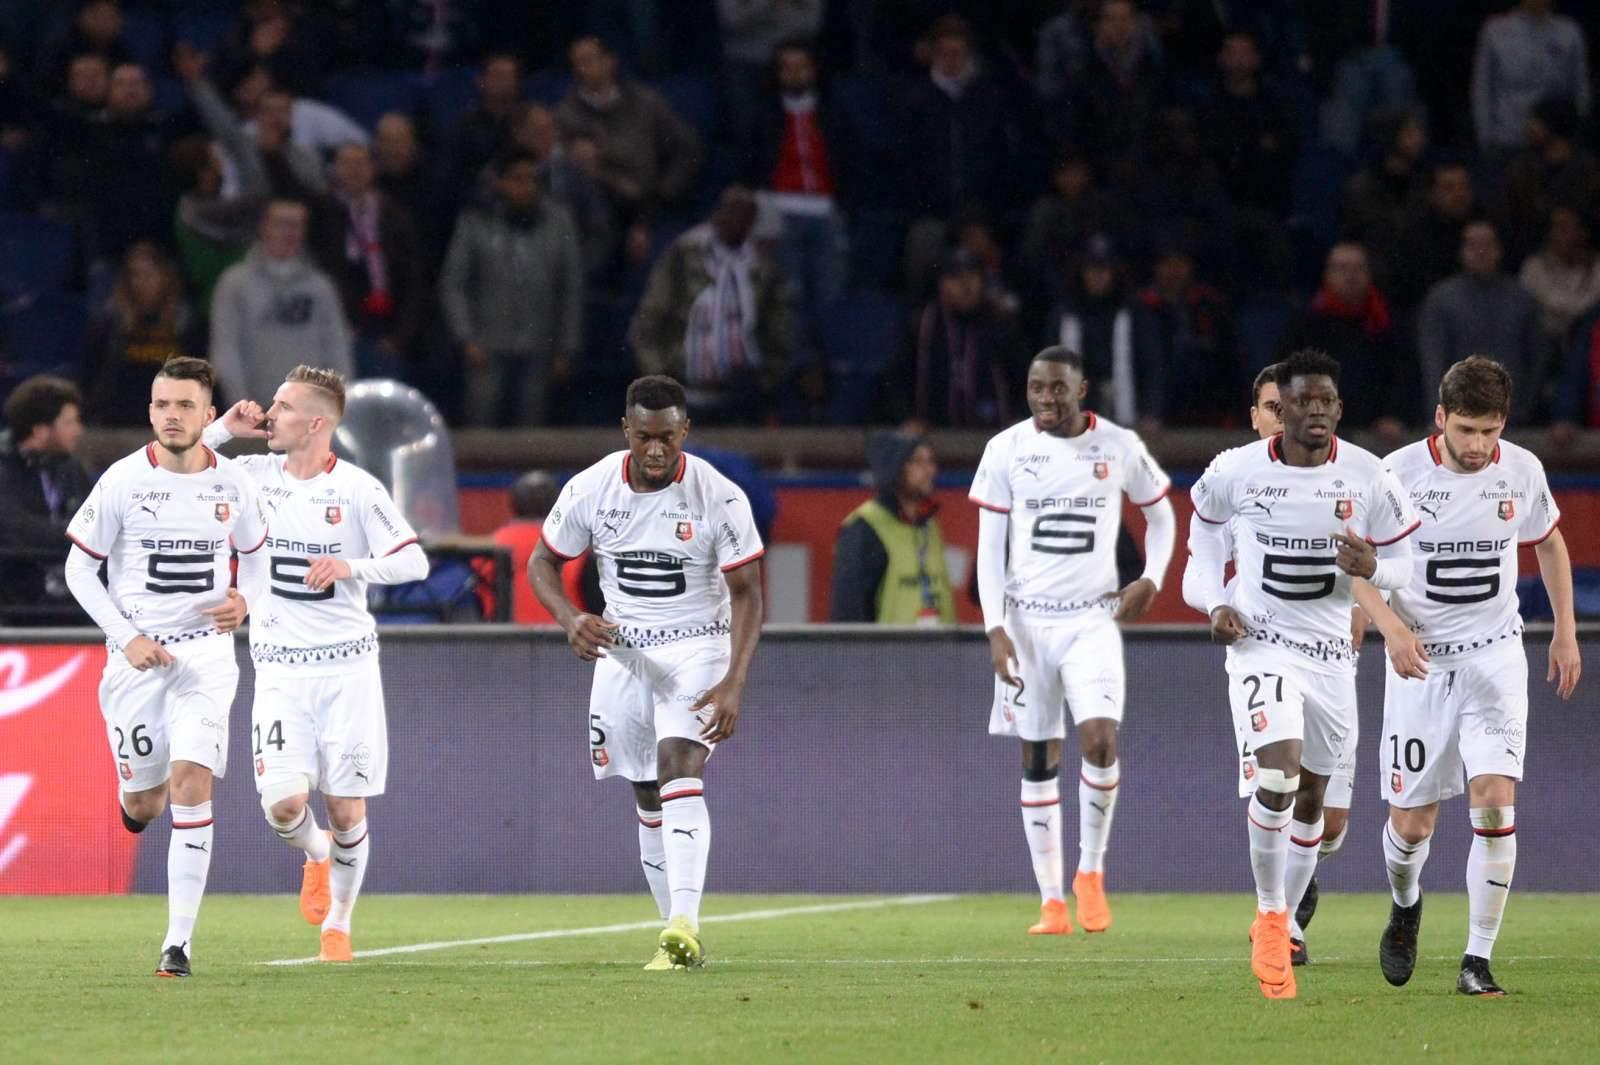 Камавинга отреагировал на интерес со стороны европейских топ-клубов